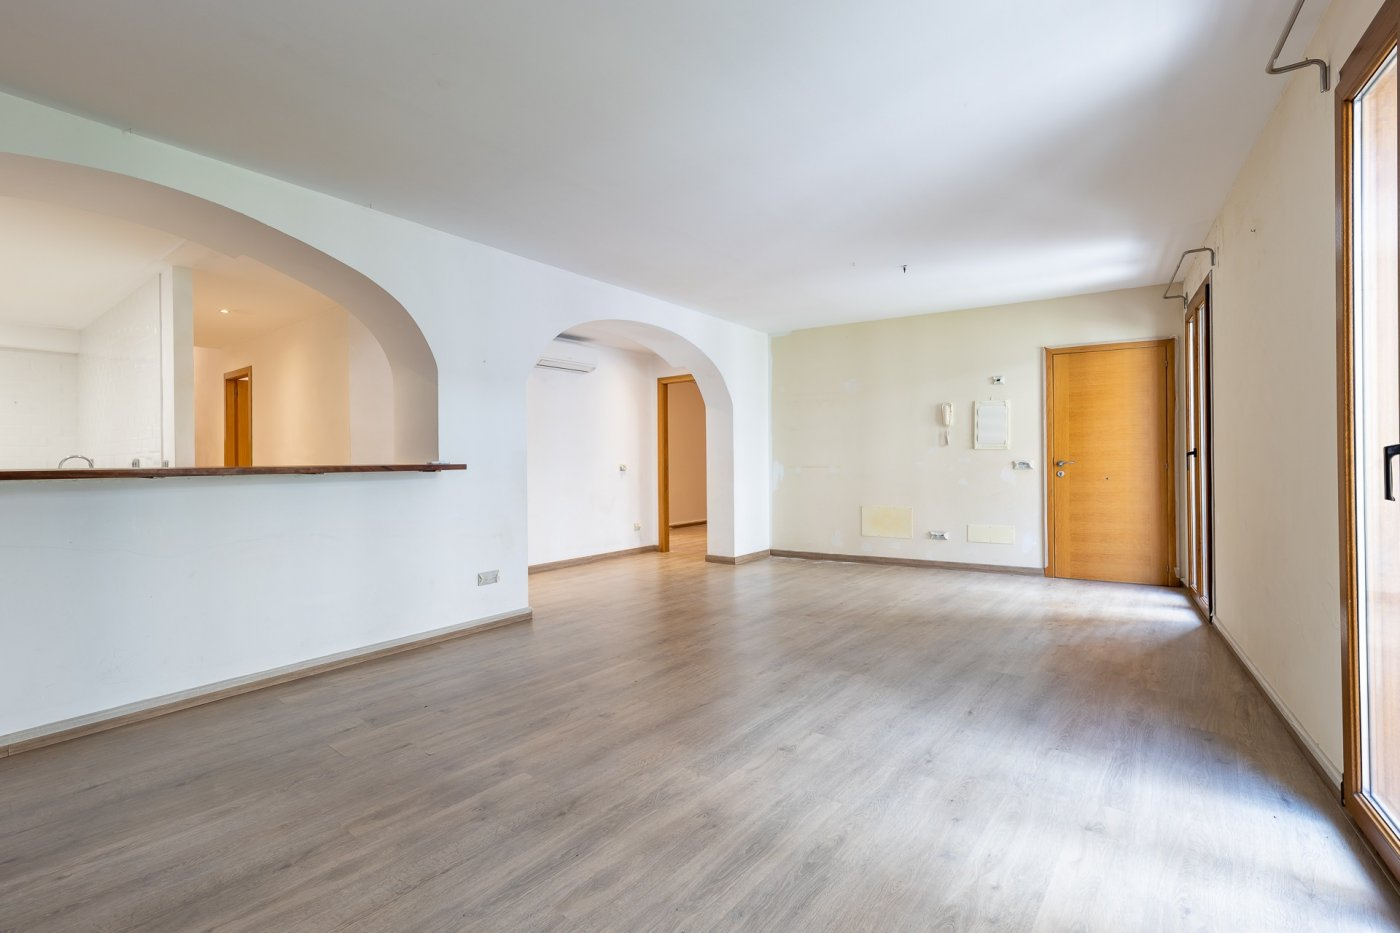 Piso tres habitaciones y amplia terraza en el centro de inca - imagenInmueble5